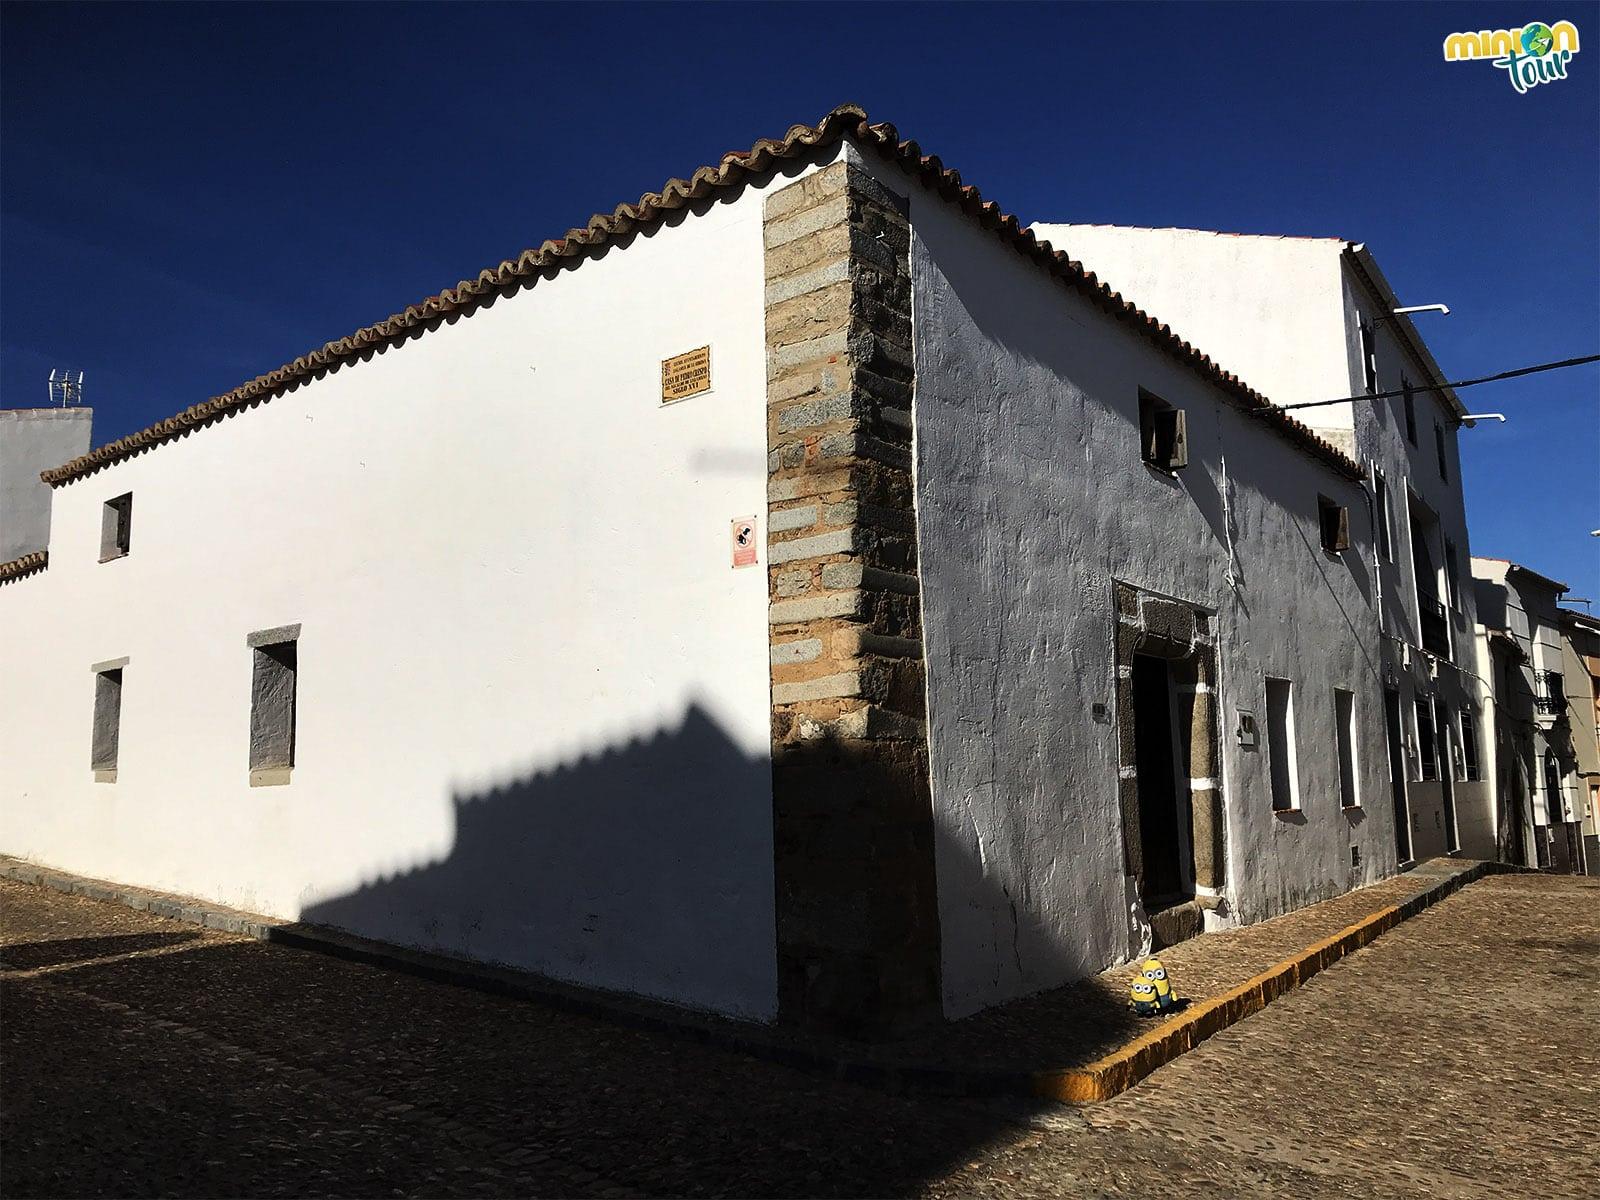 Hemos encontrado la casa del Alcalde de Zalamea